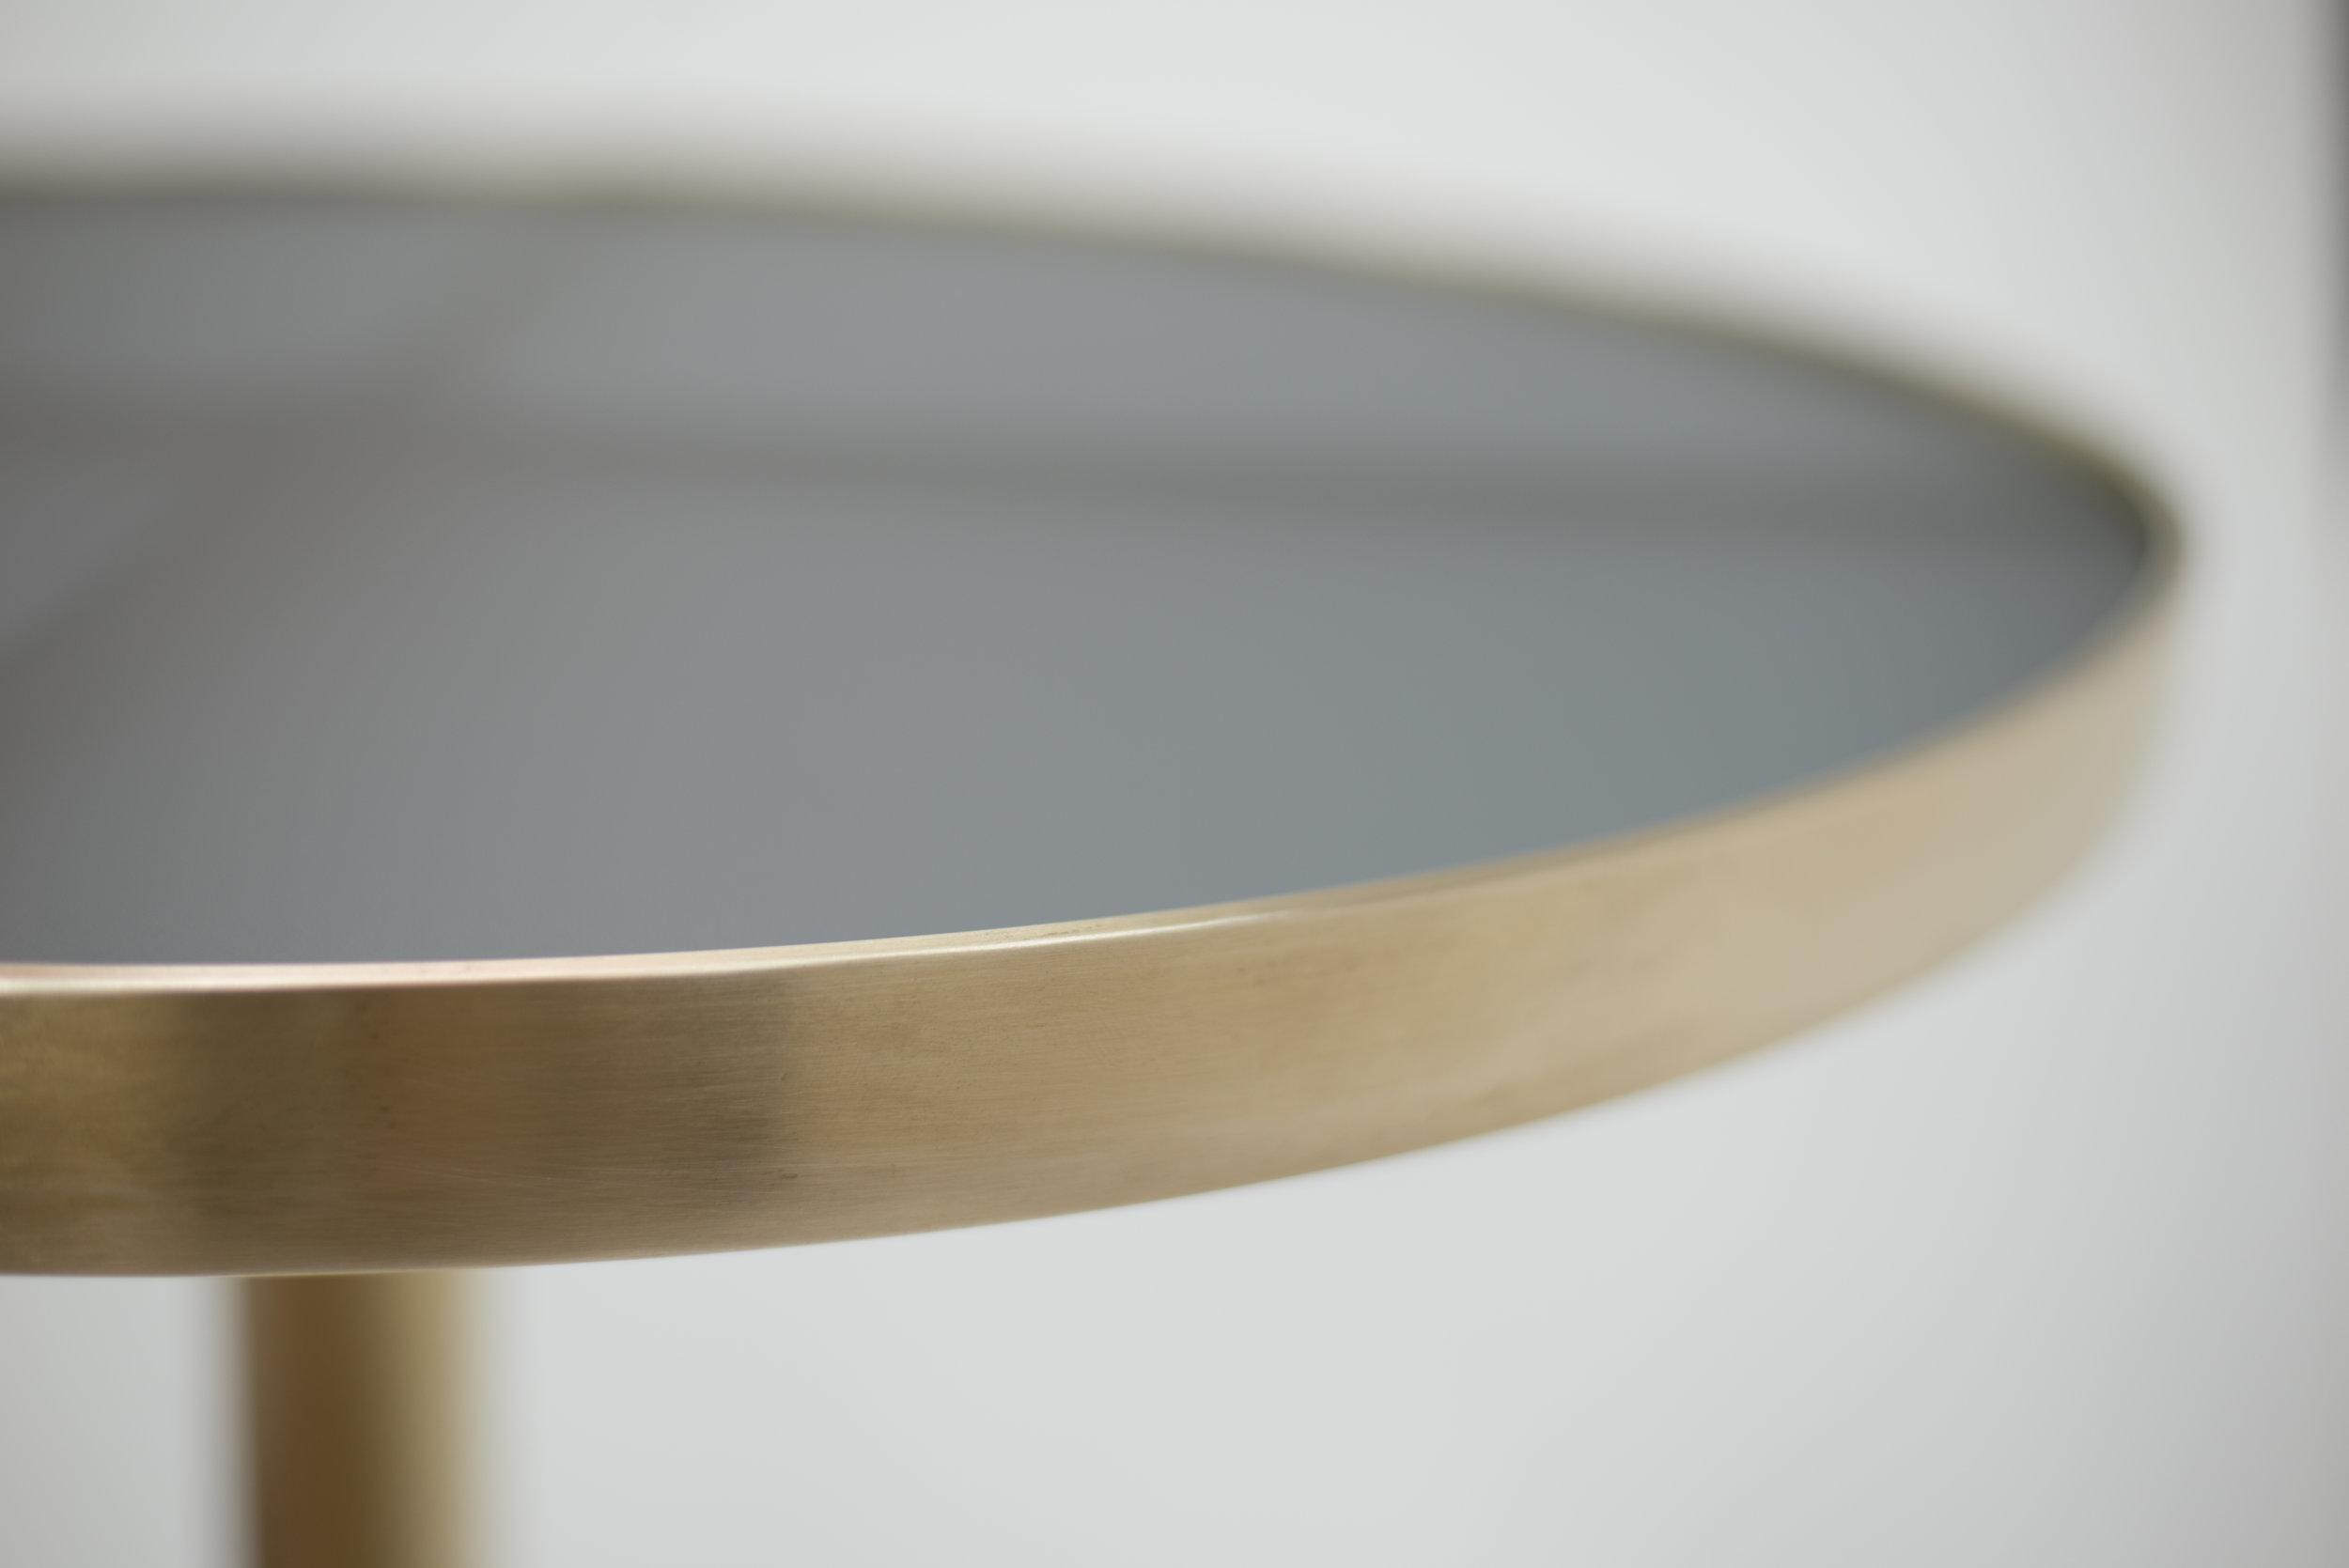 ....bespoke furniture : solid brass round table..特别定制设计现代家具 :黄铜圆台....